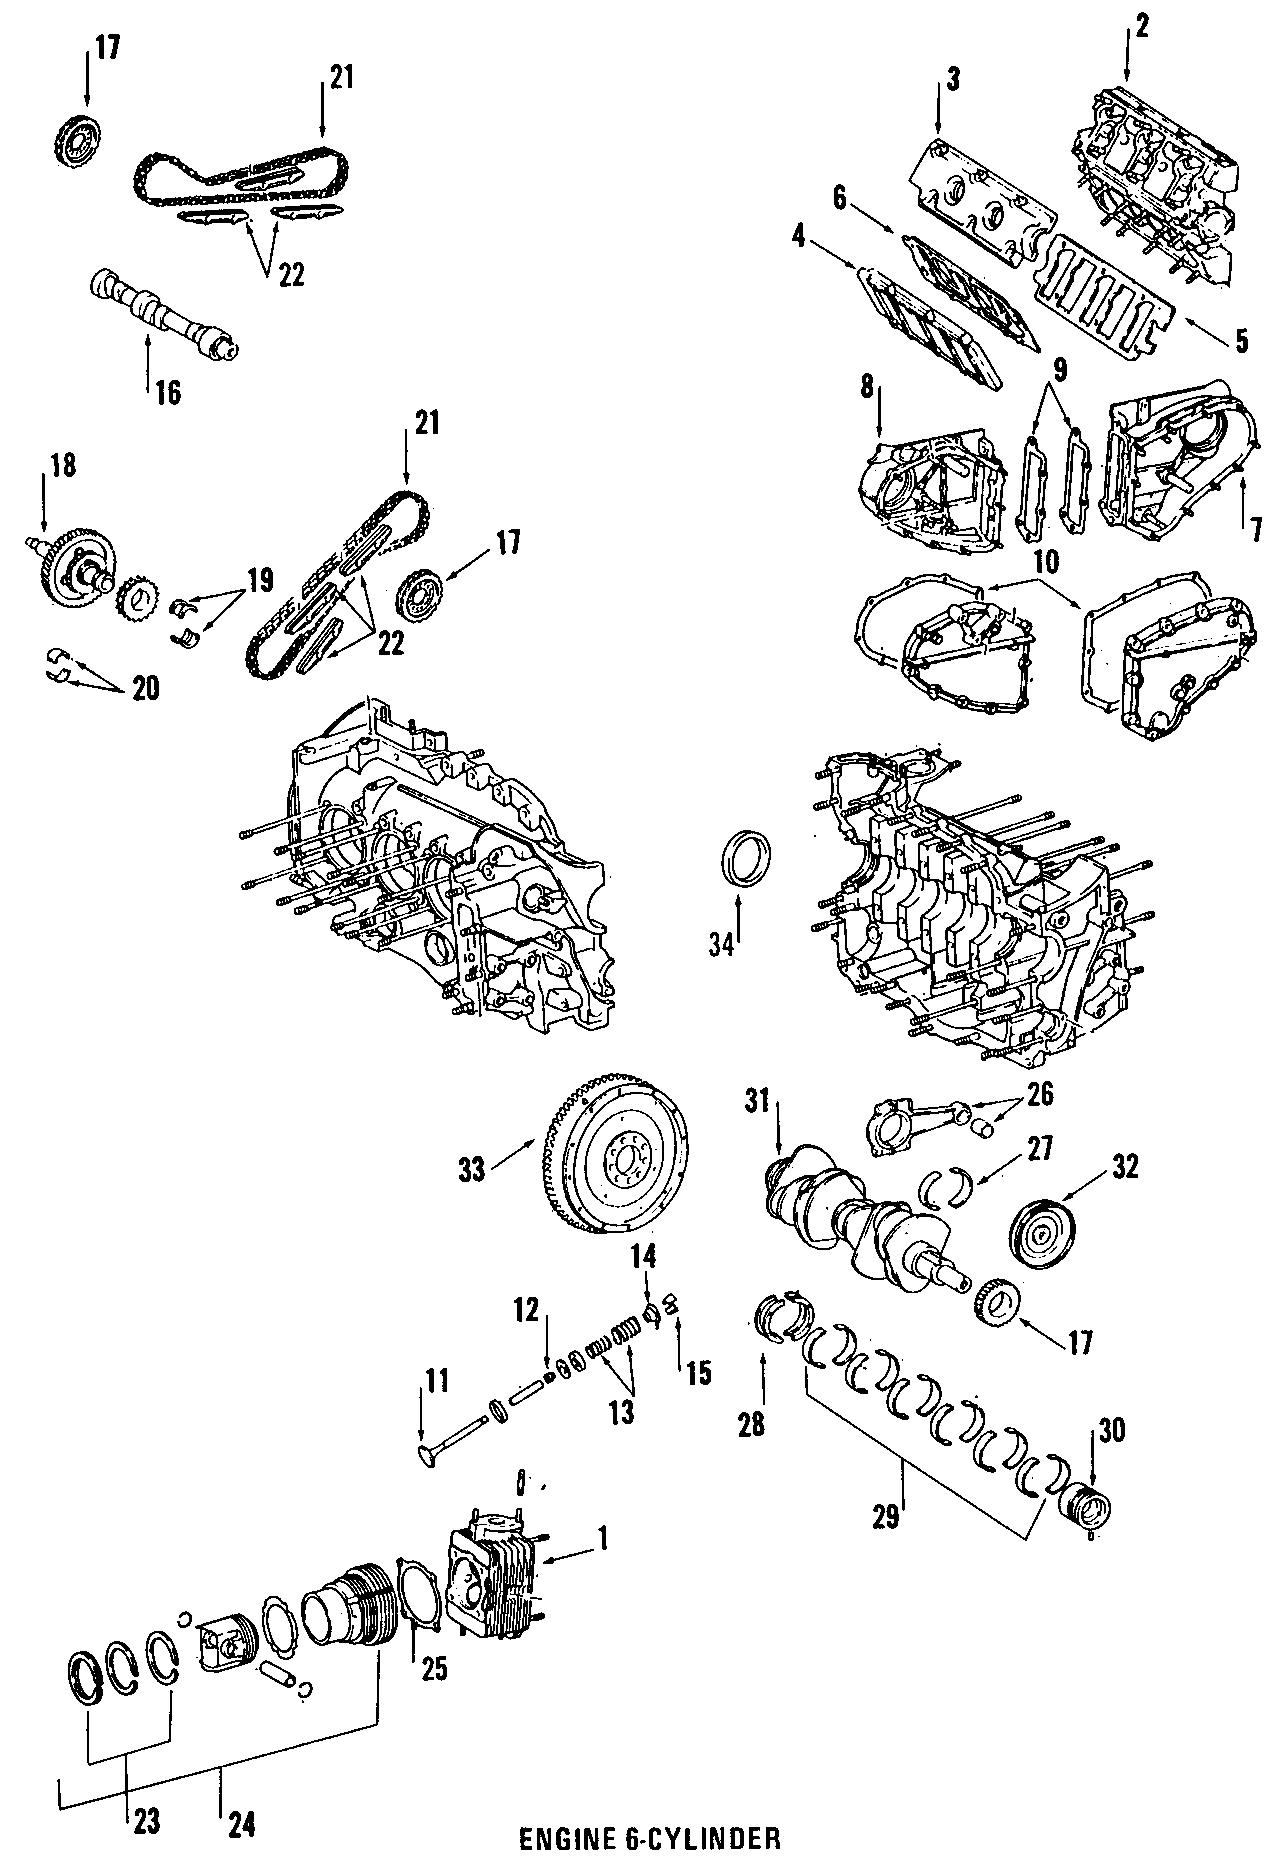 Porsche 911 Engine Cylinder Head. Engine Cylinder Head